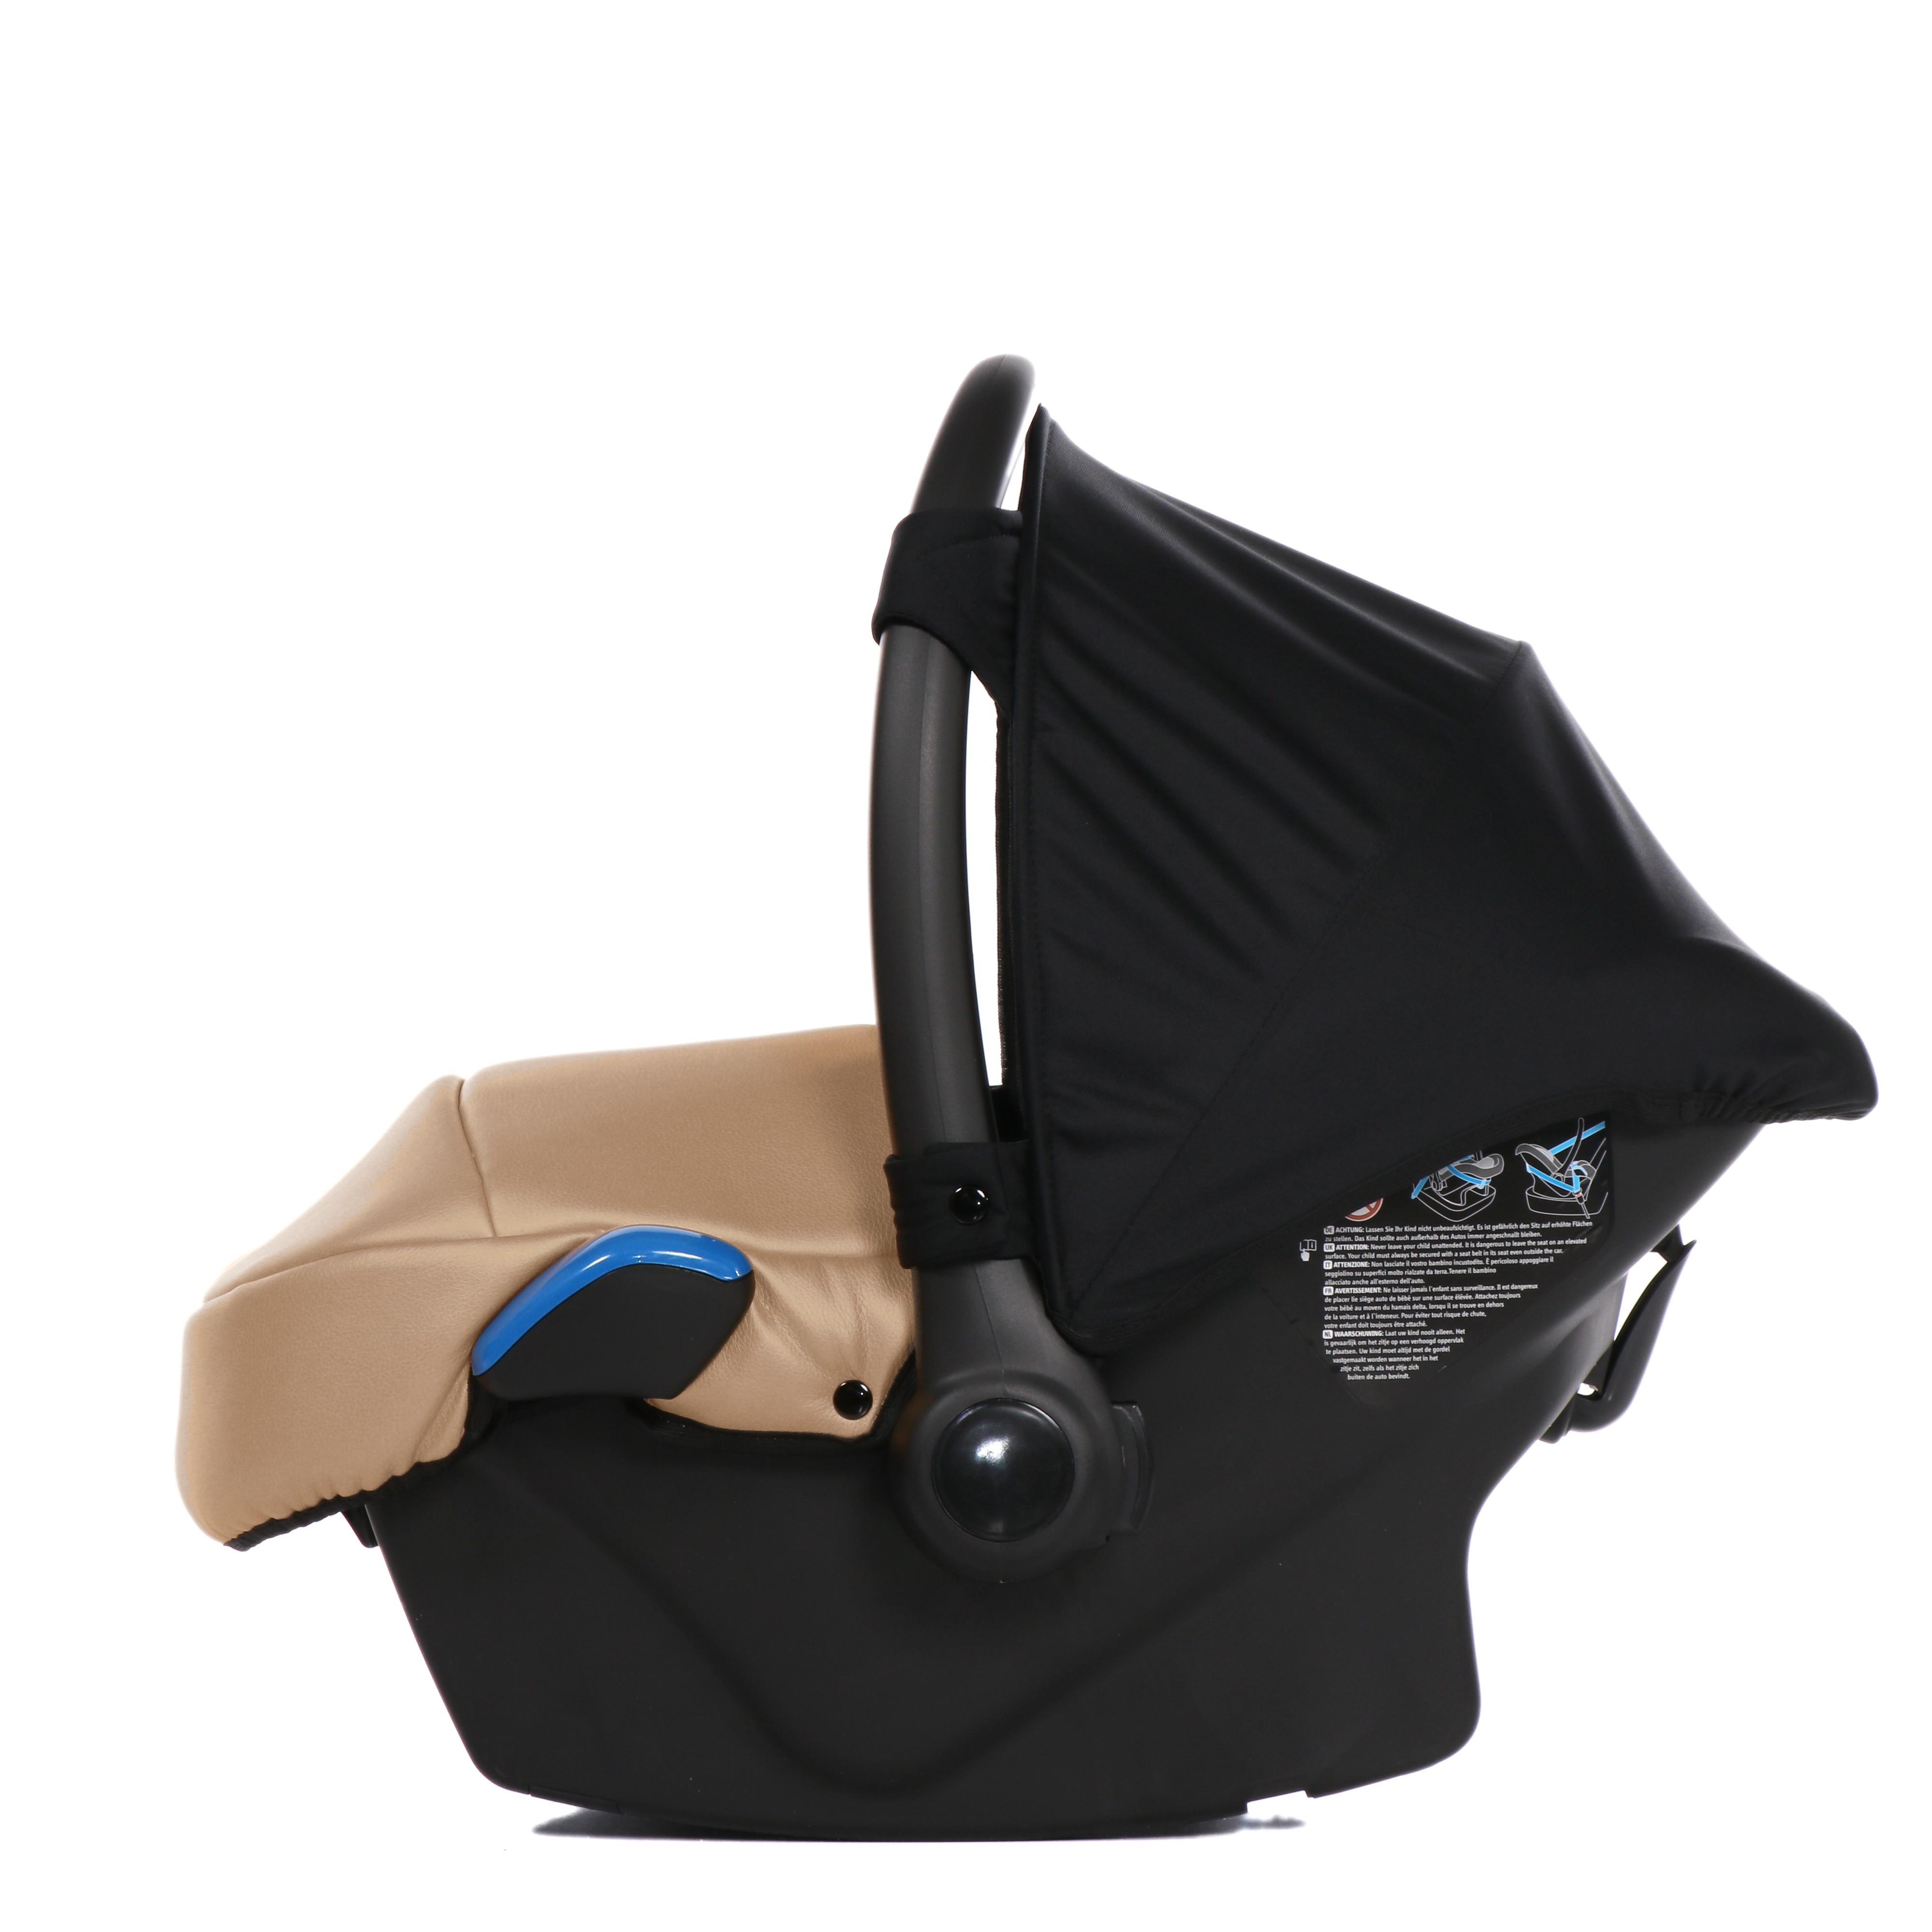 fotelik samochodowy wózek Junama Saphire zestaw 3w1 wielofunkcyjny wózek